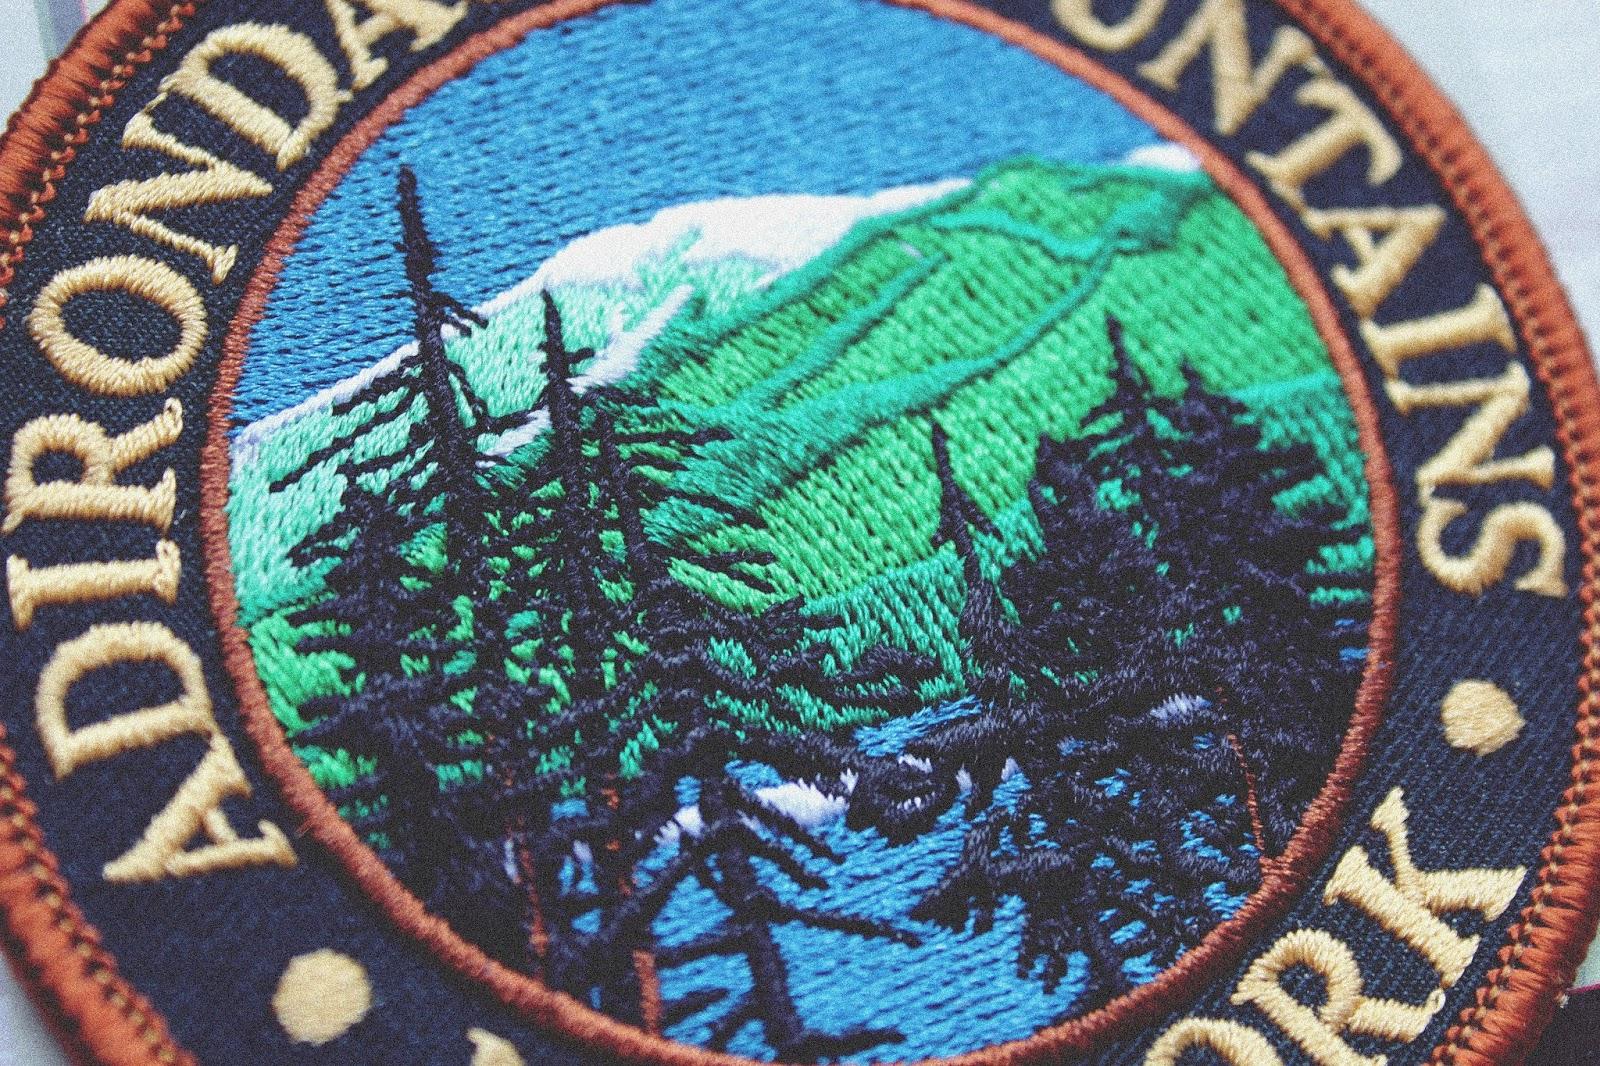 Taką naszywkę możemy nakleić na ubranie za pomocą żelazka, została ona kupiona w USA w parku narodowym Adirondack Mountains